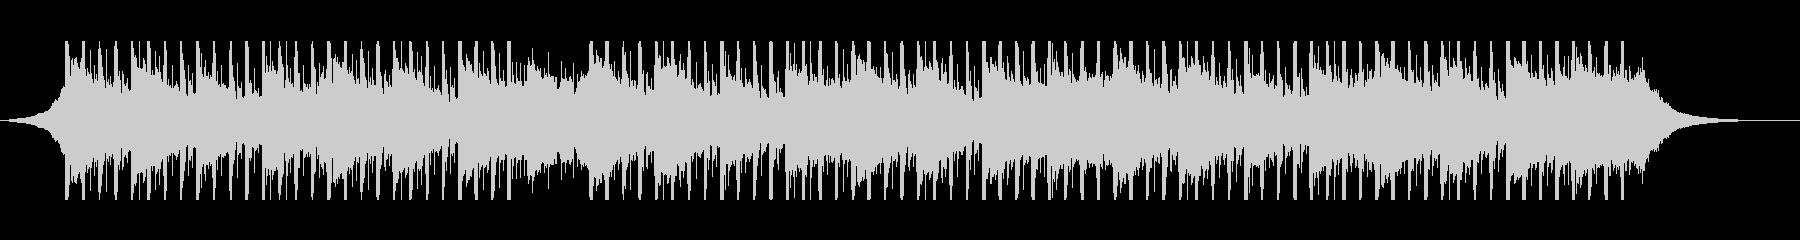 インタビュー(60秒)の未再生の波形